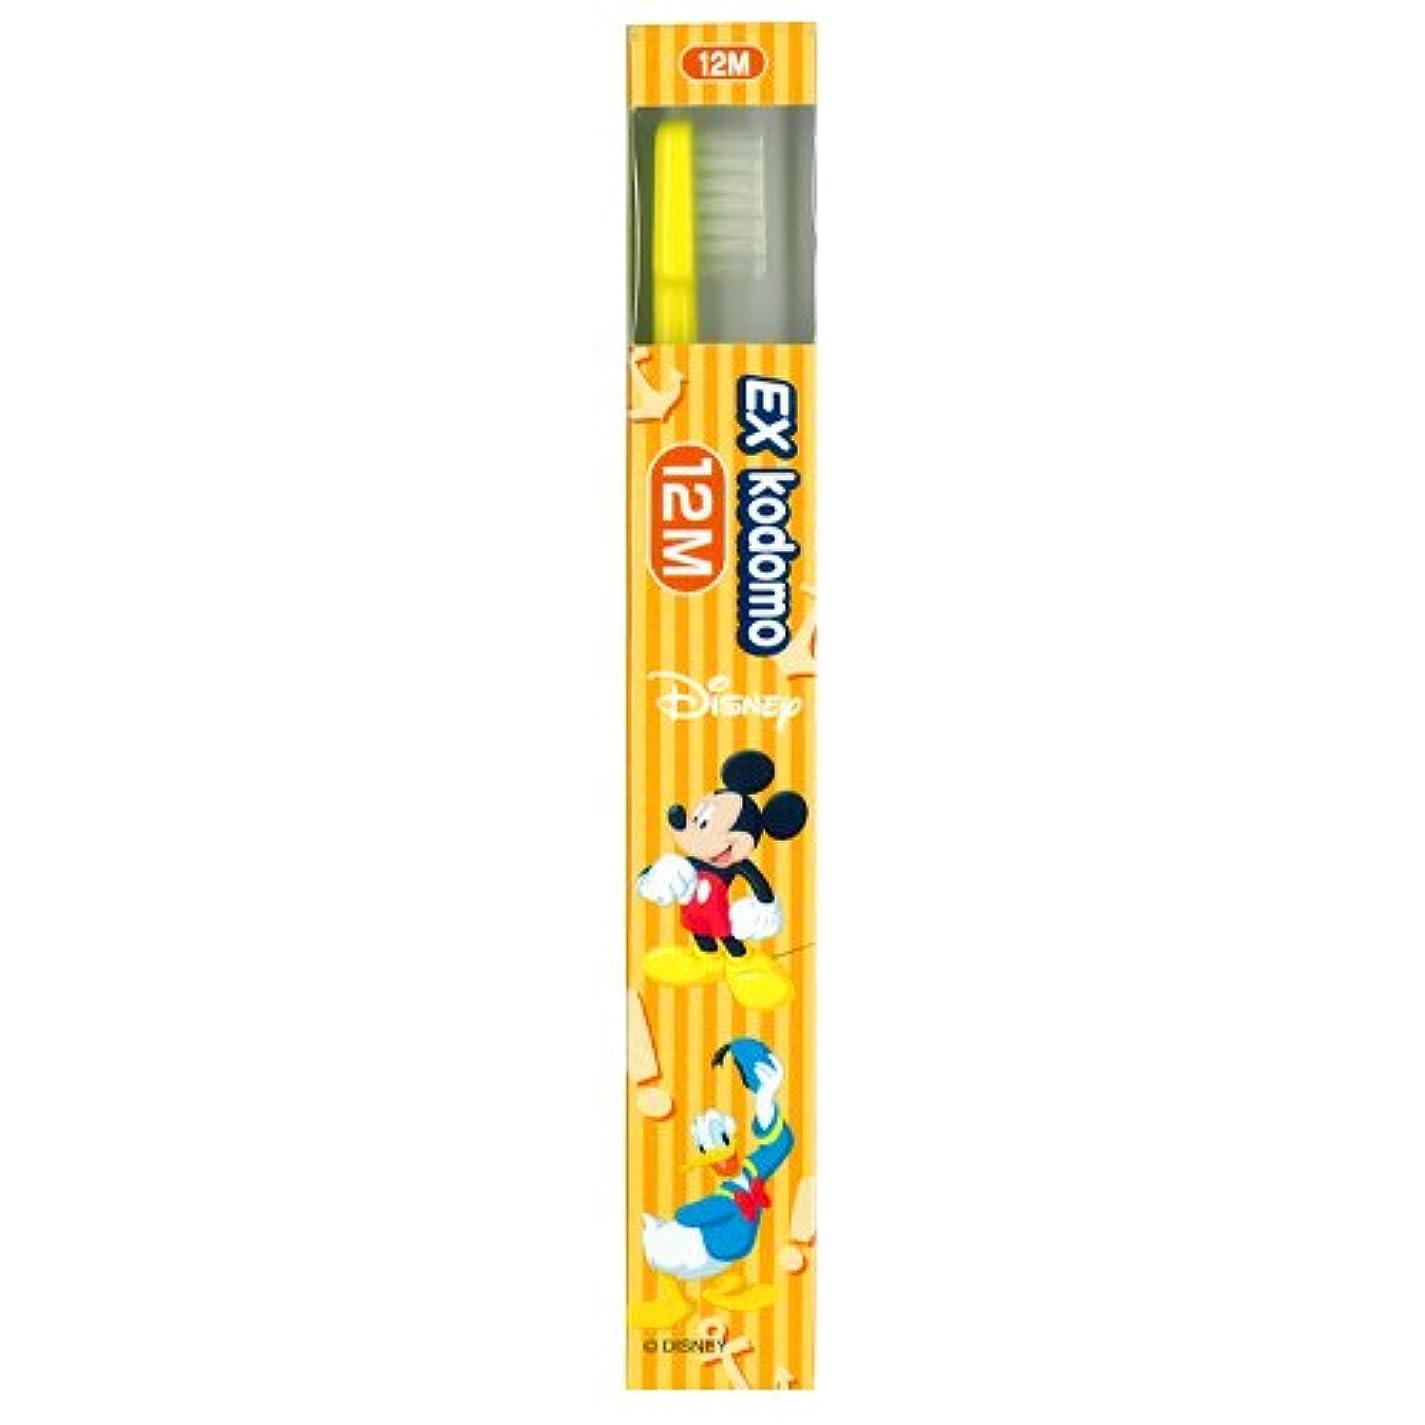 入場綺麗な開始ライオン EX kodomo ディズニー 歯ブラシ 1本 12M イエロー